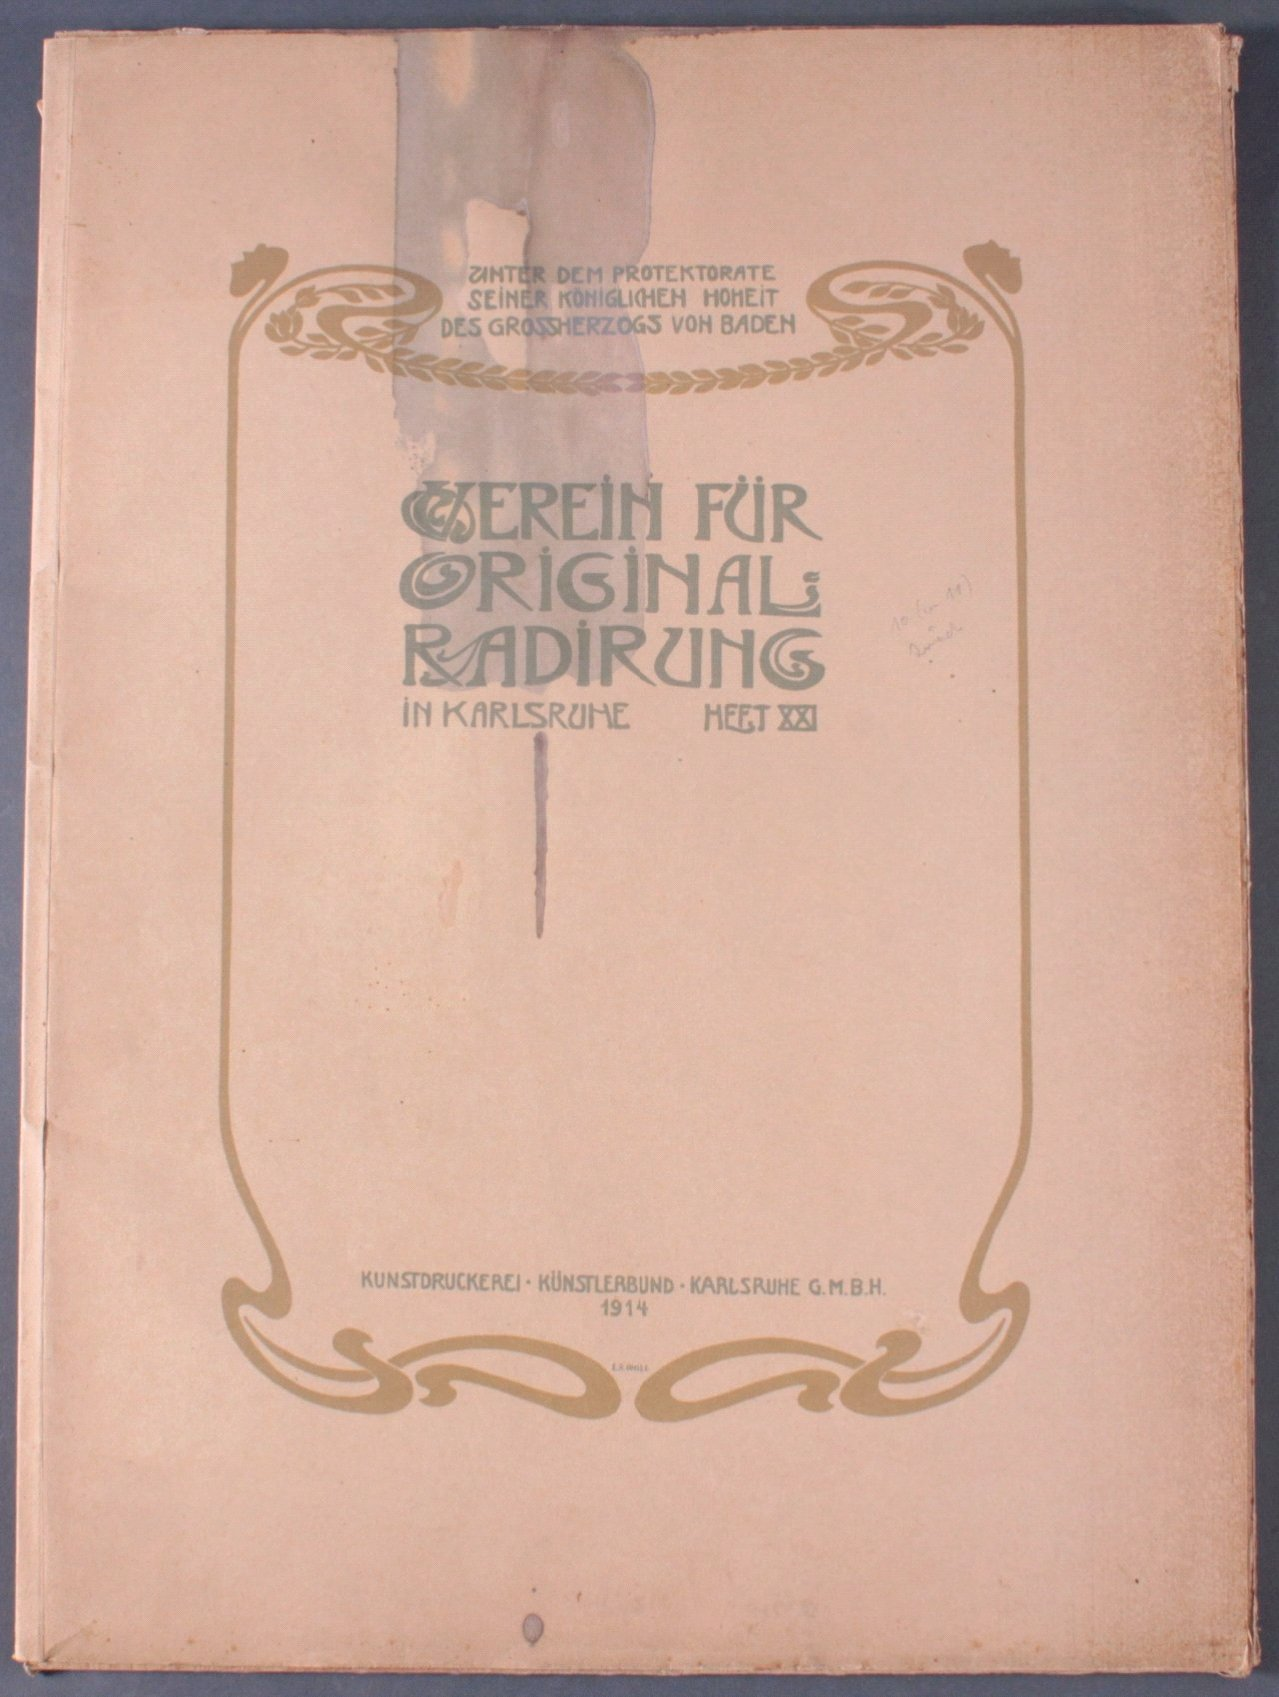 Verein für Original-Radierung Karlsruhe. Heft XXI, 1914